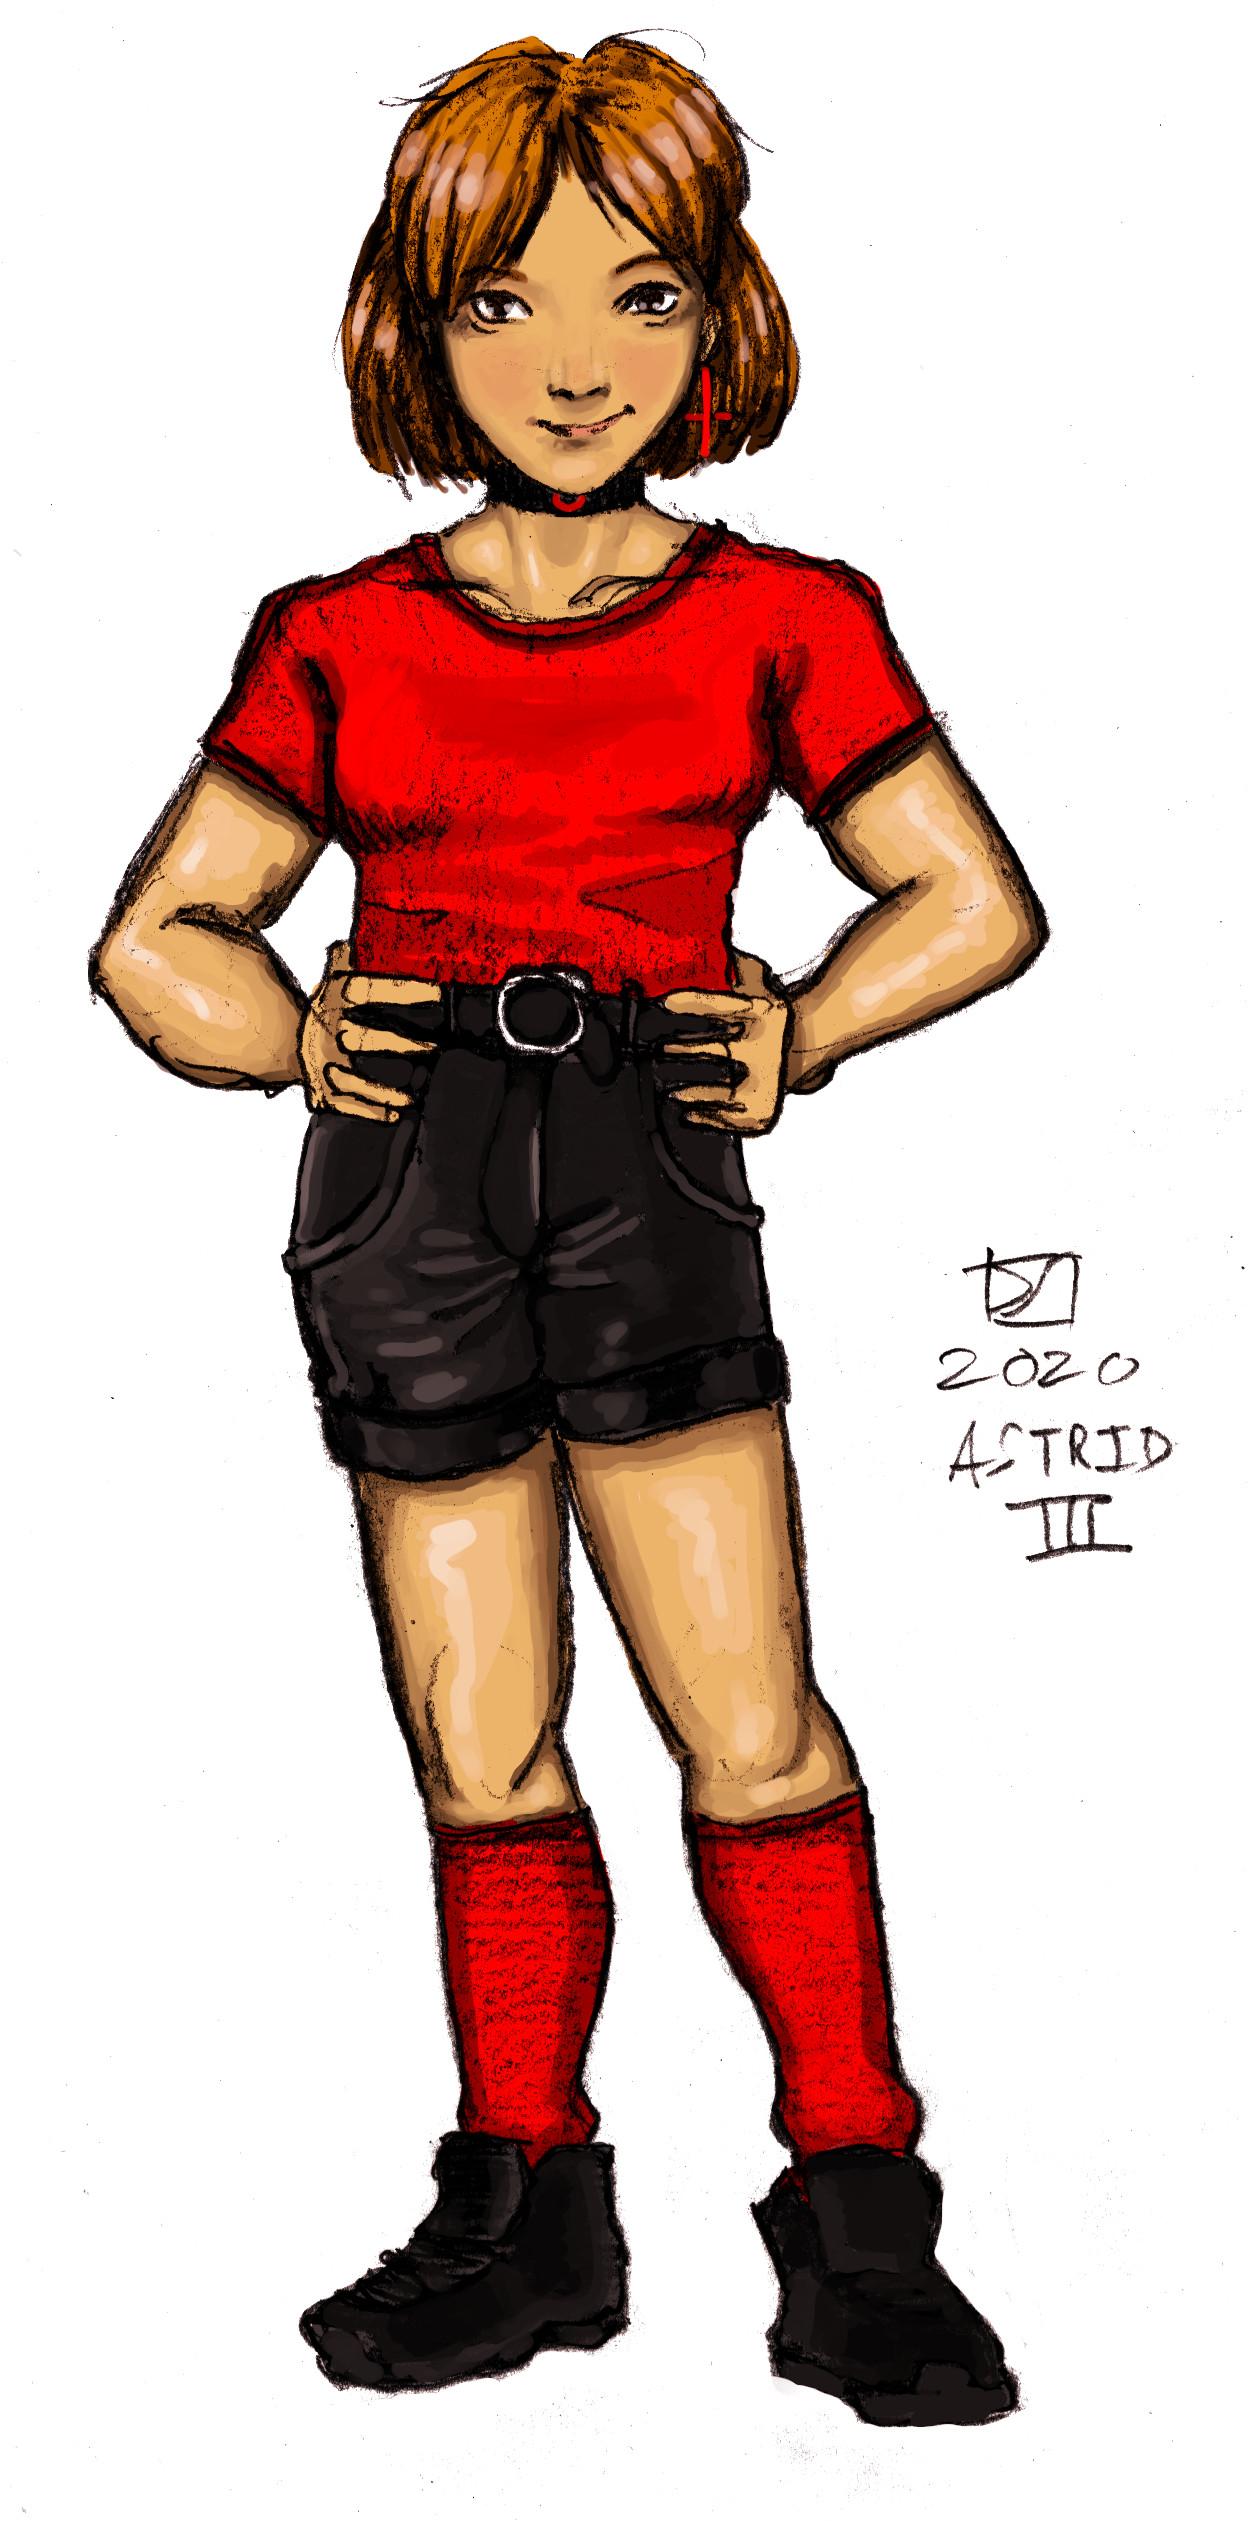 L'ECHANGELIN - Astrid III